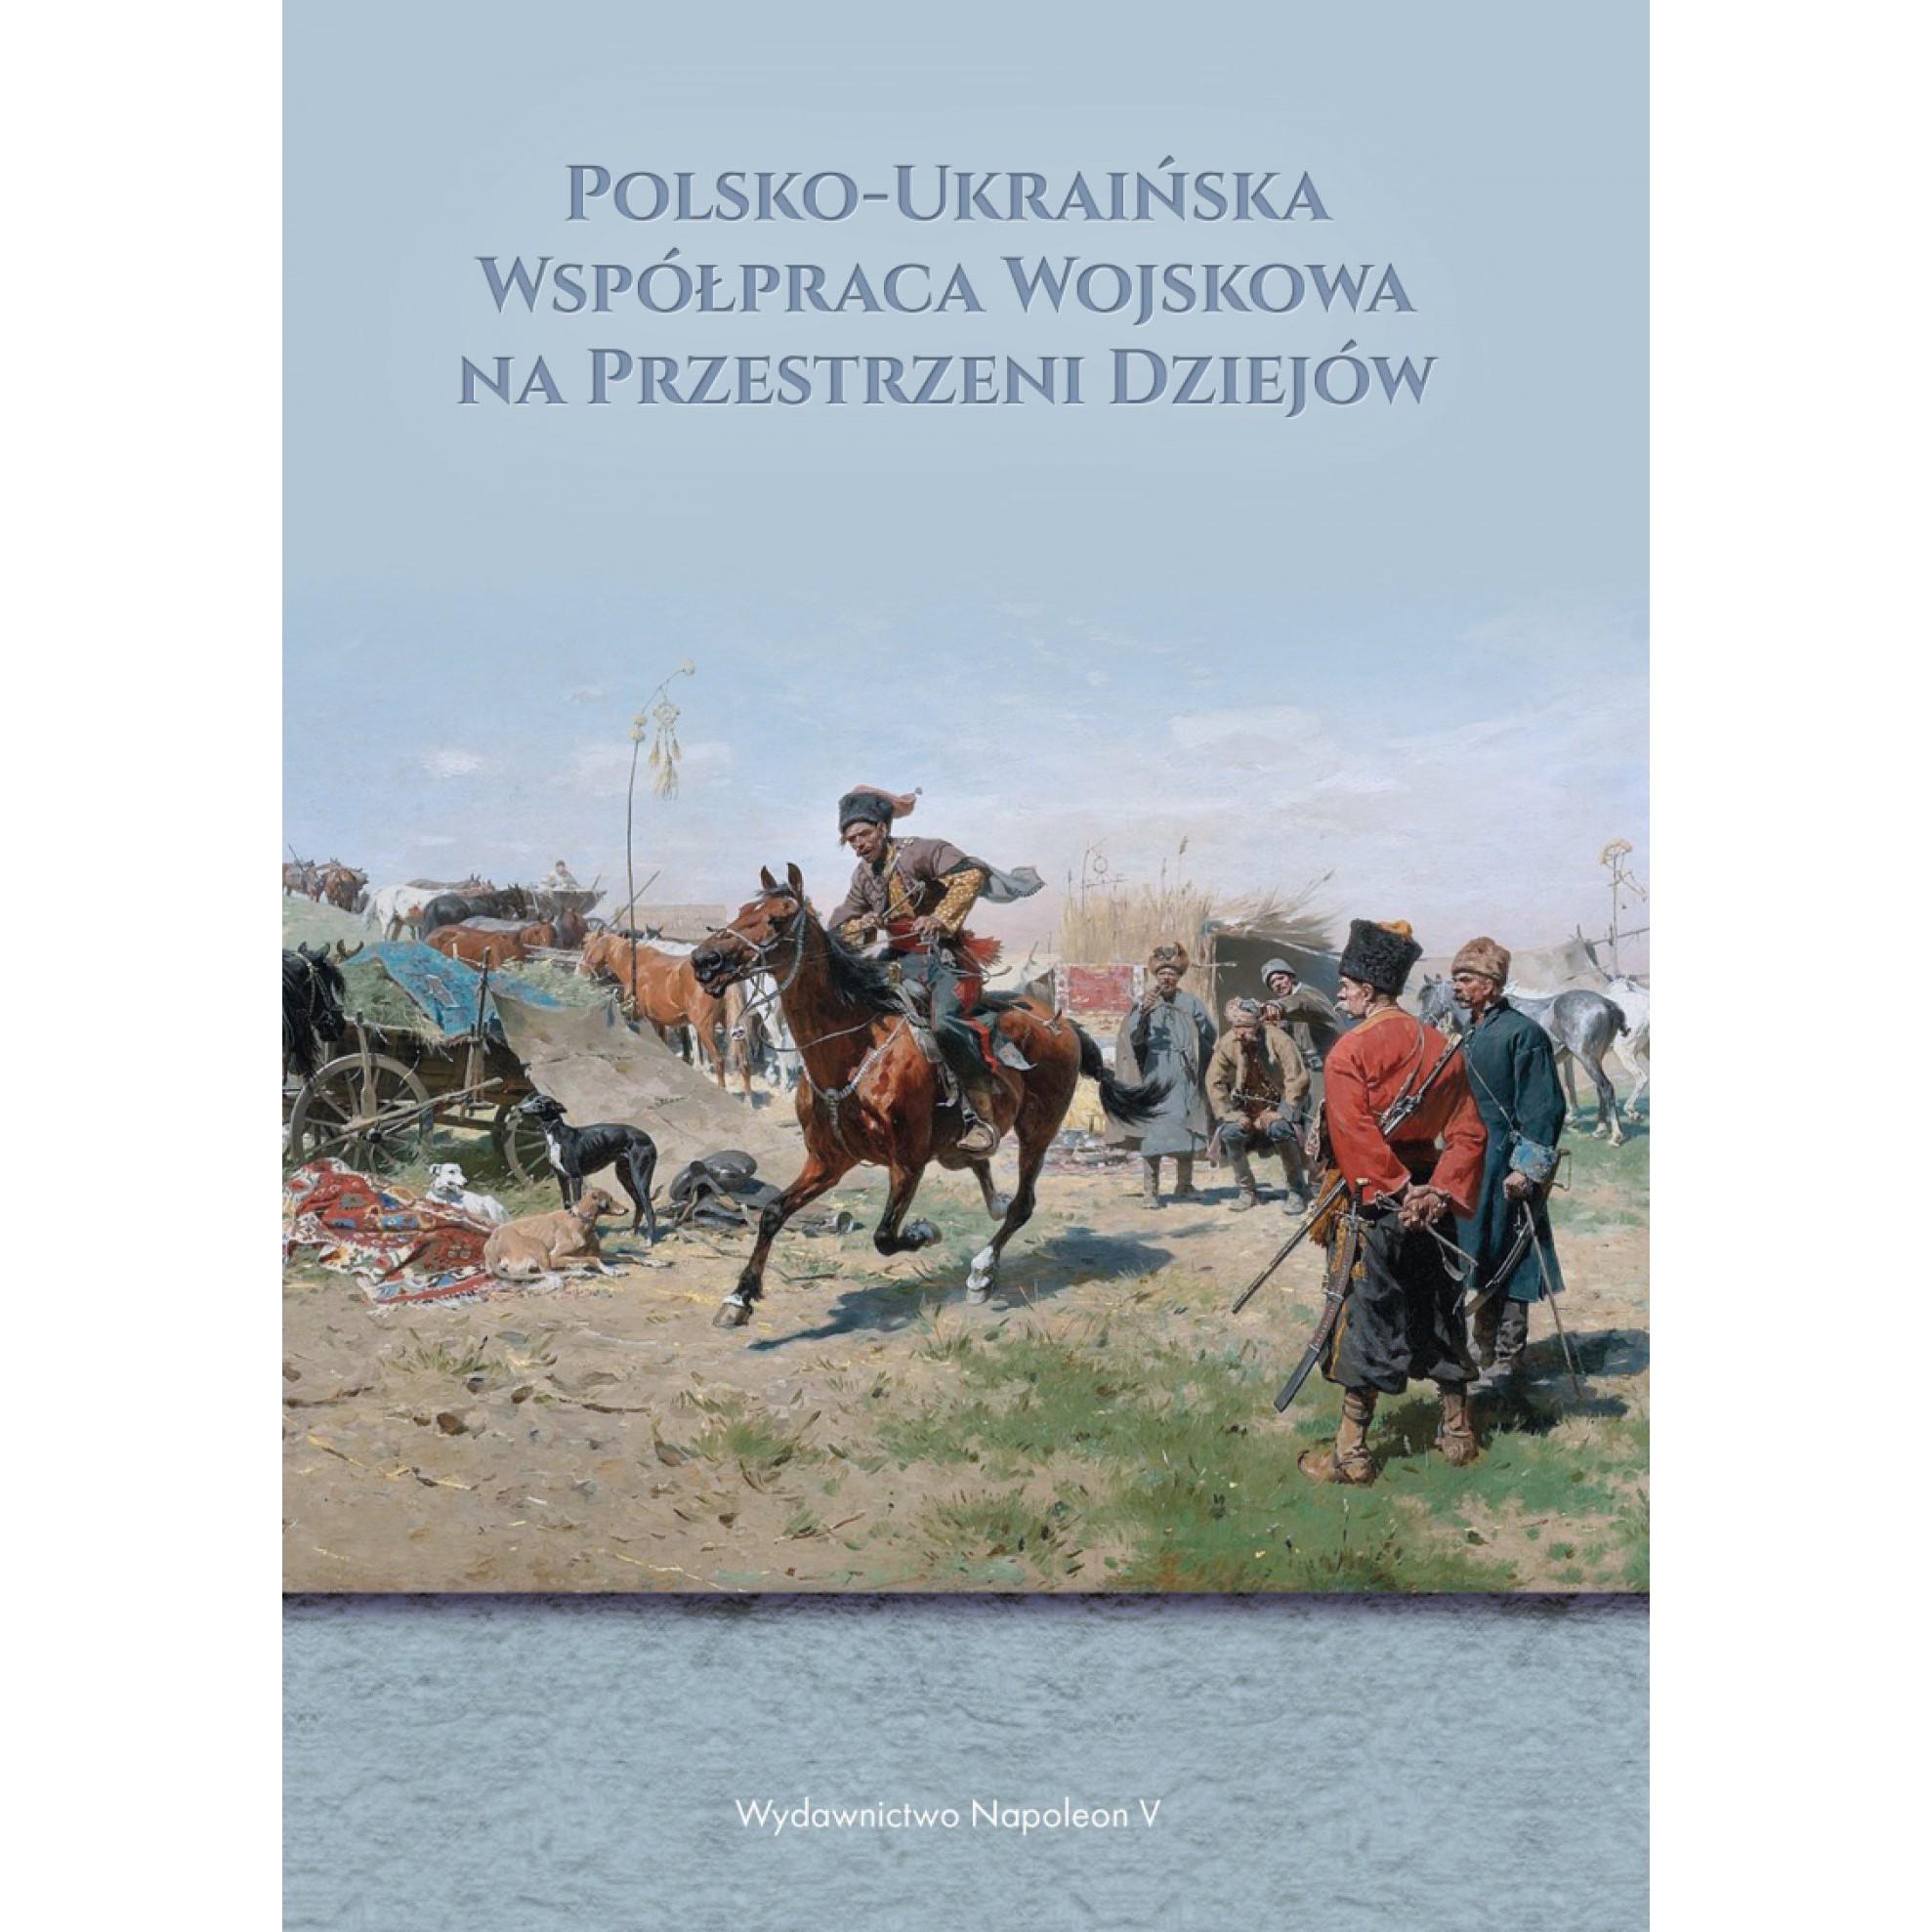 Polsko-Ukraińska Współpraca Wojskowa na Przestrzeni Dziejów